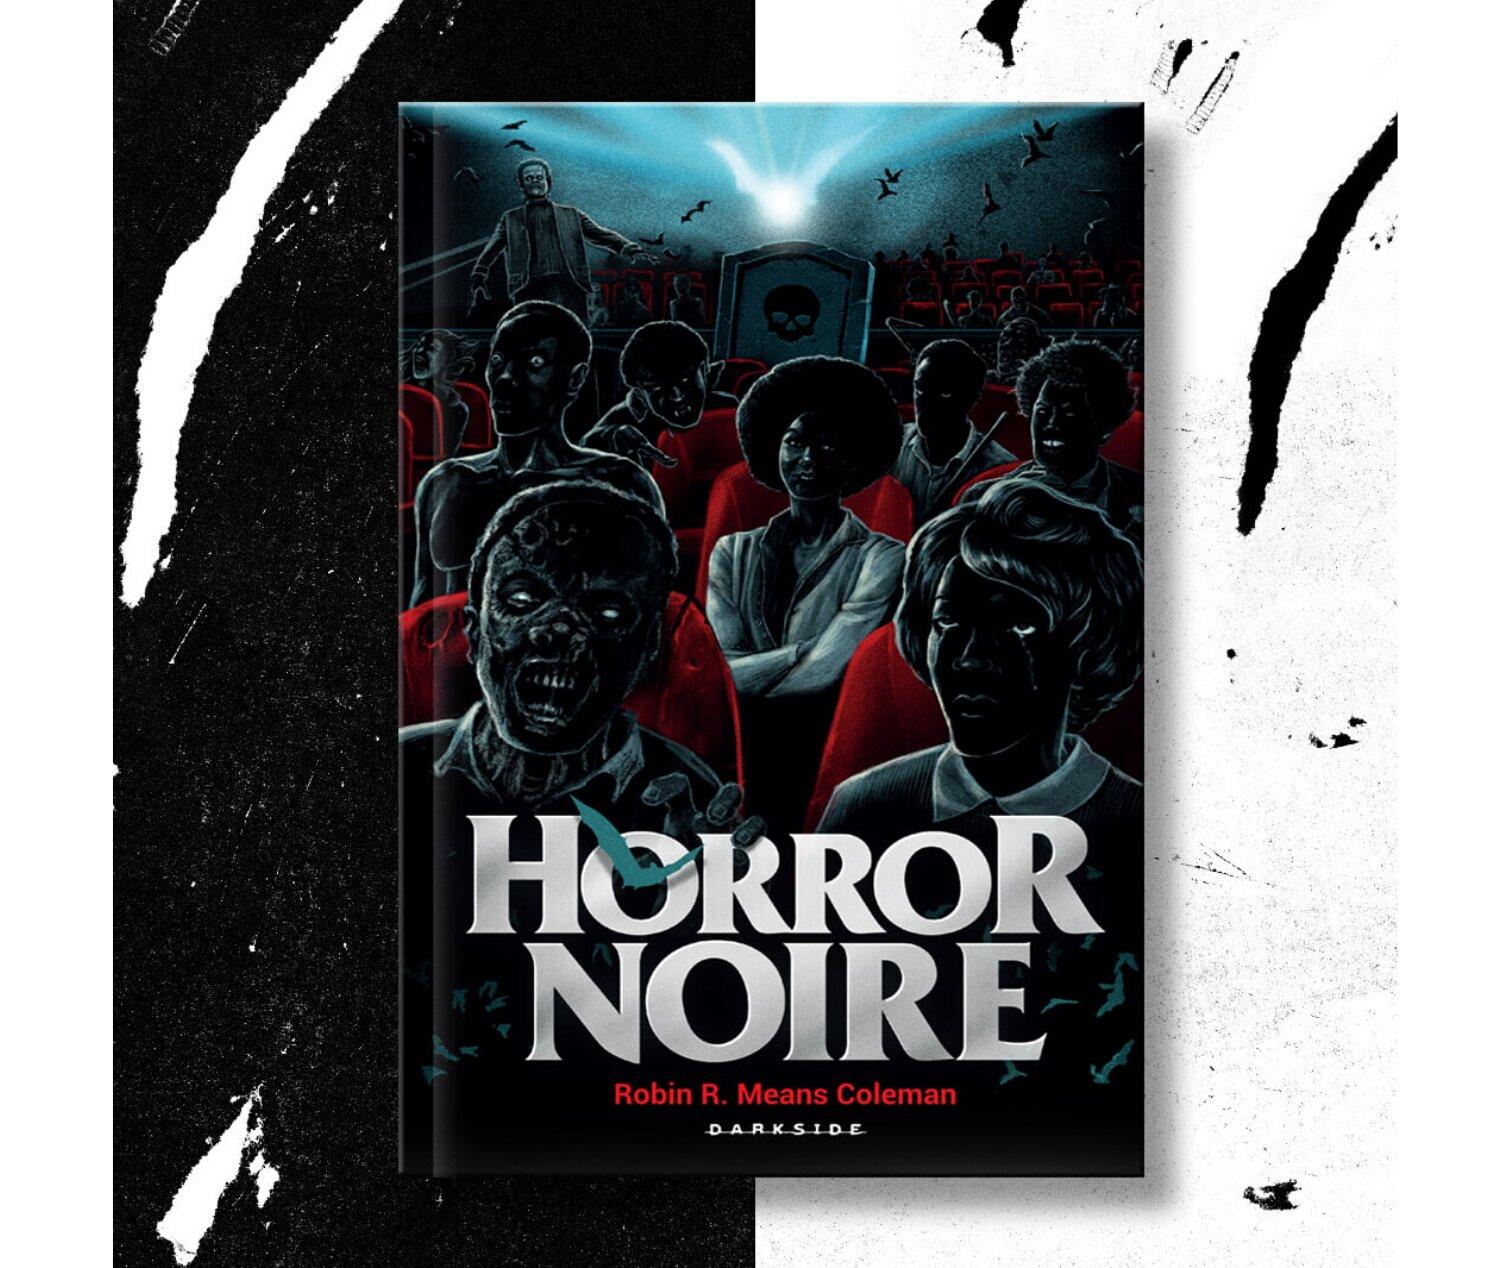 Resenha: Horror Noire, de Robin R. Means Coleman